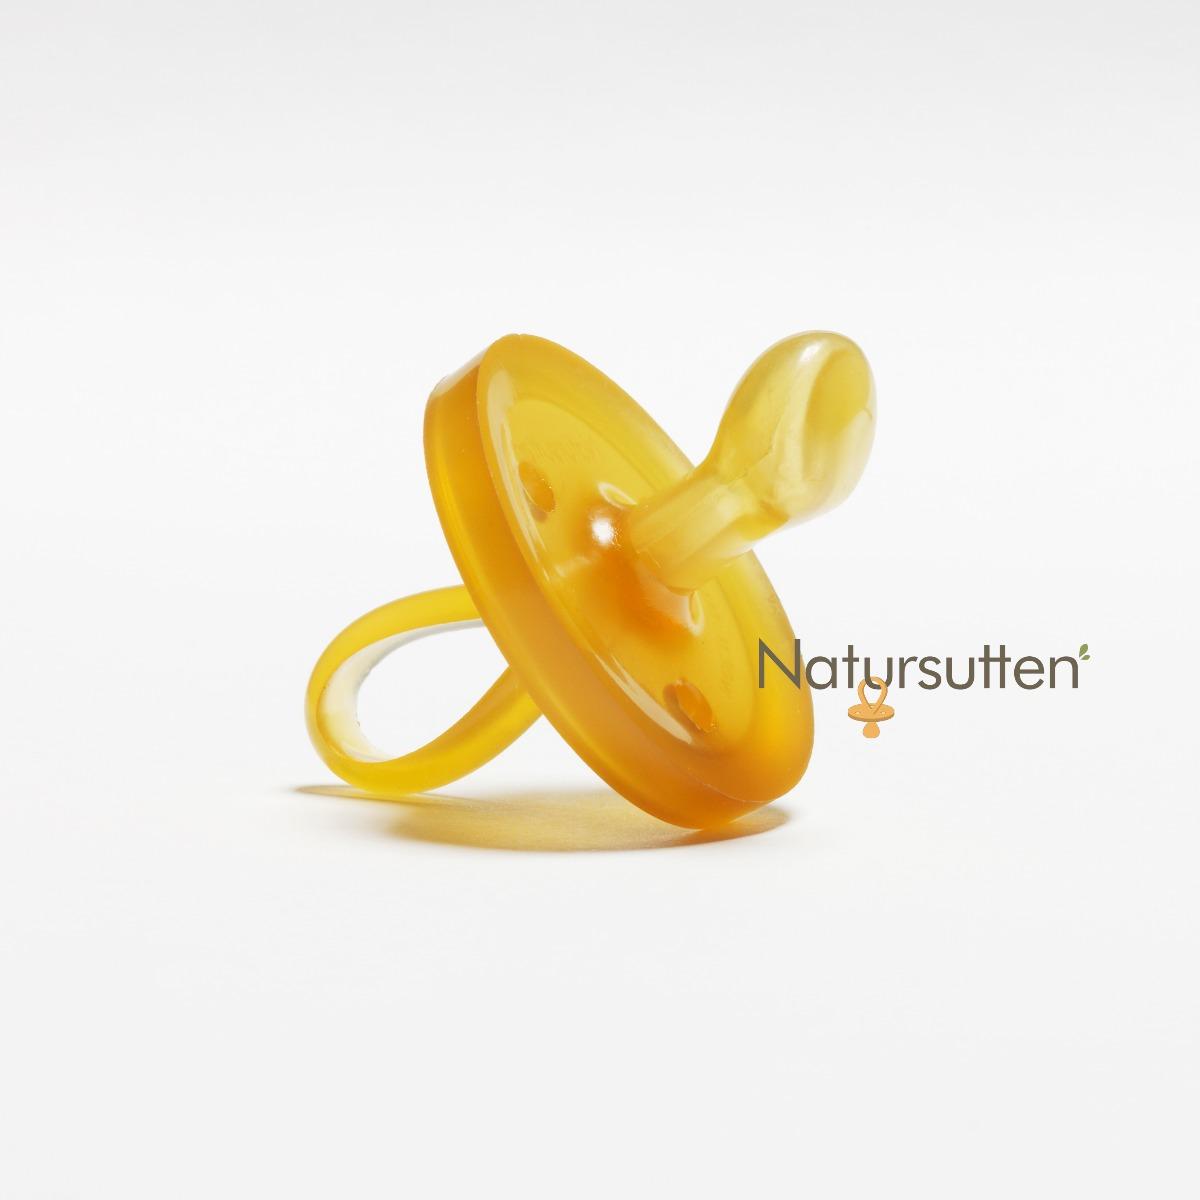 Natursutten Natural Orthodontic Rubber Pacifier 0-6M - Original Shape